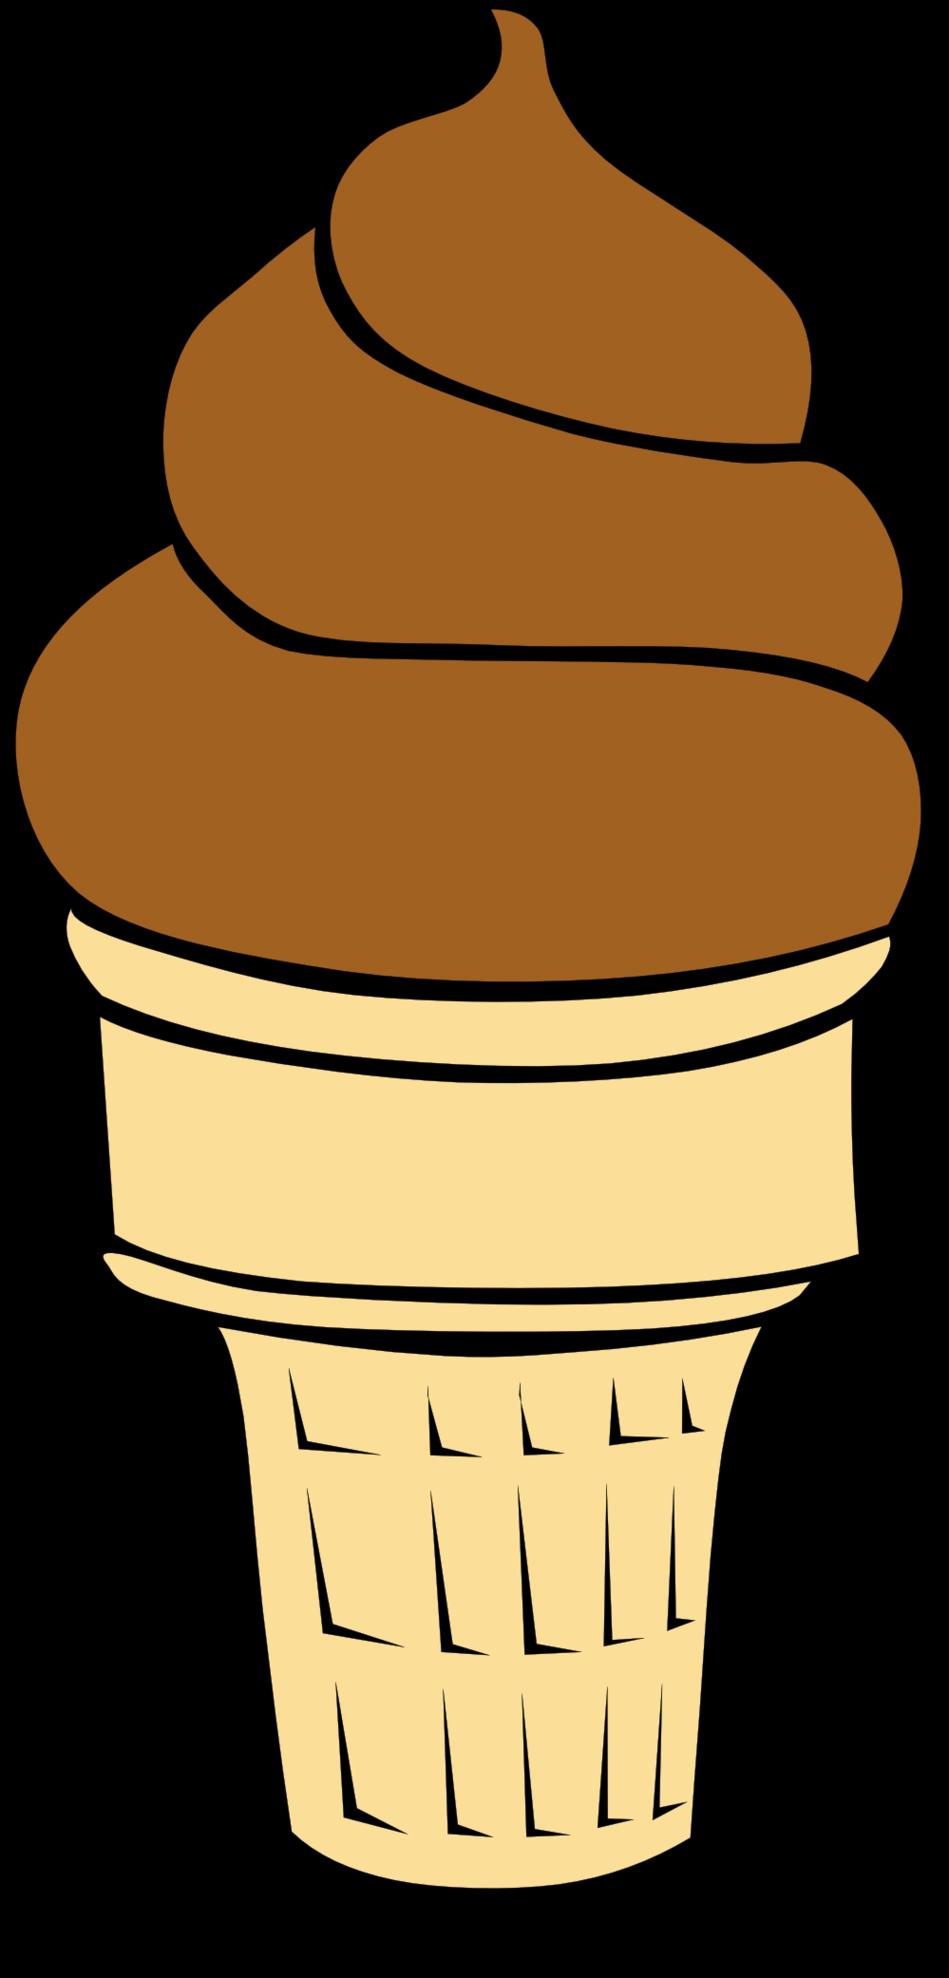 949x1978 Ice Cream Cone Clip Art Black And White Free